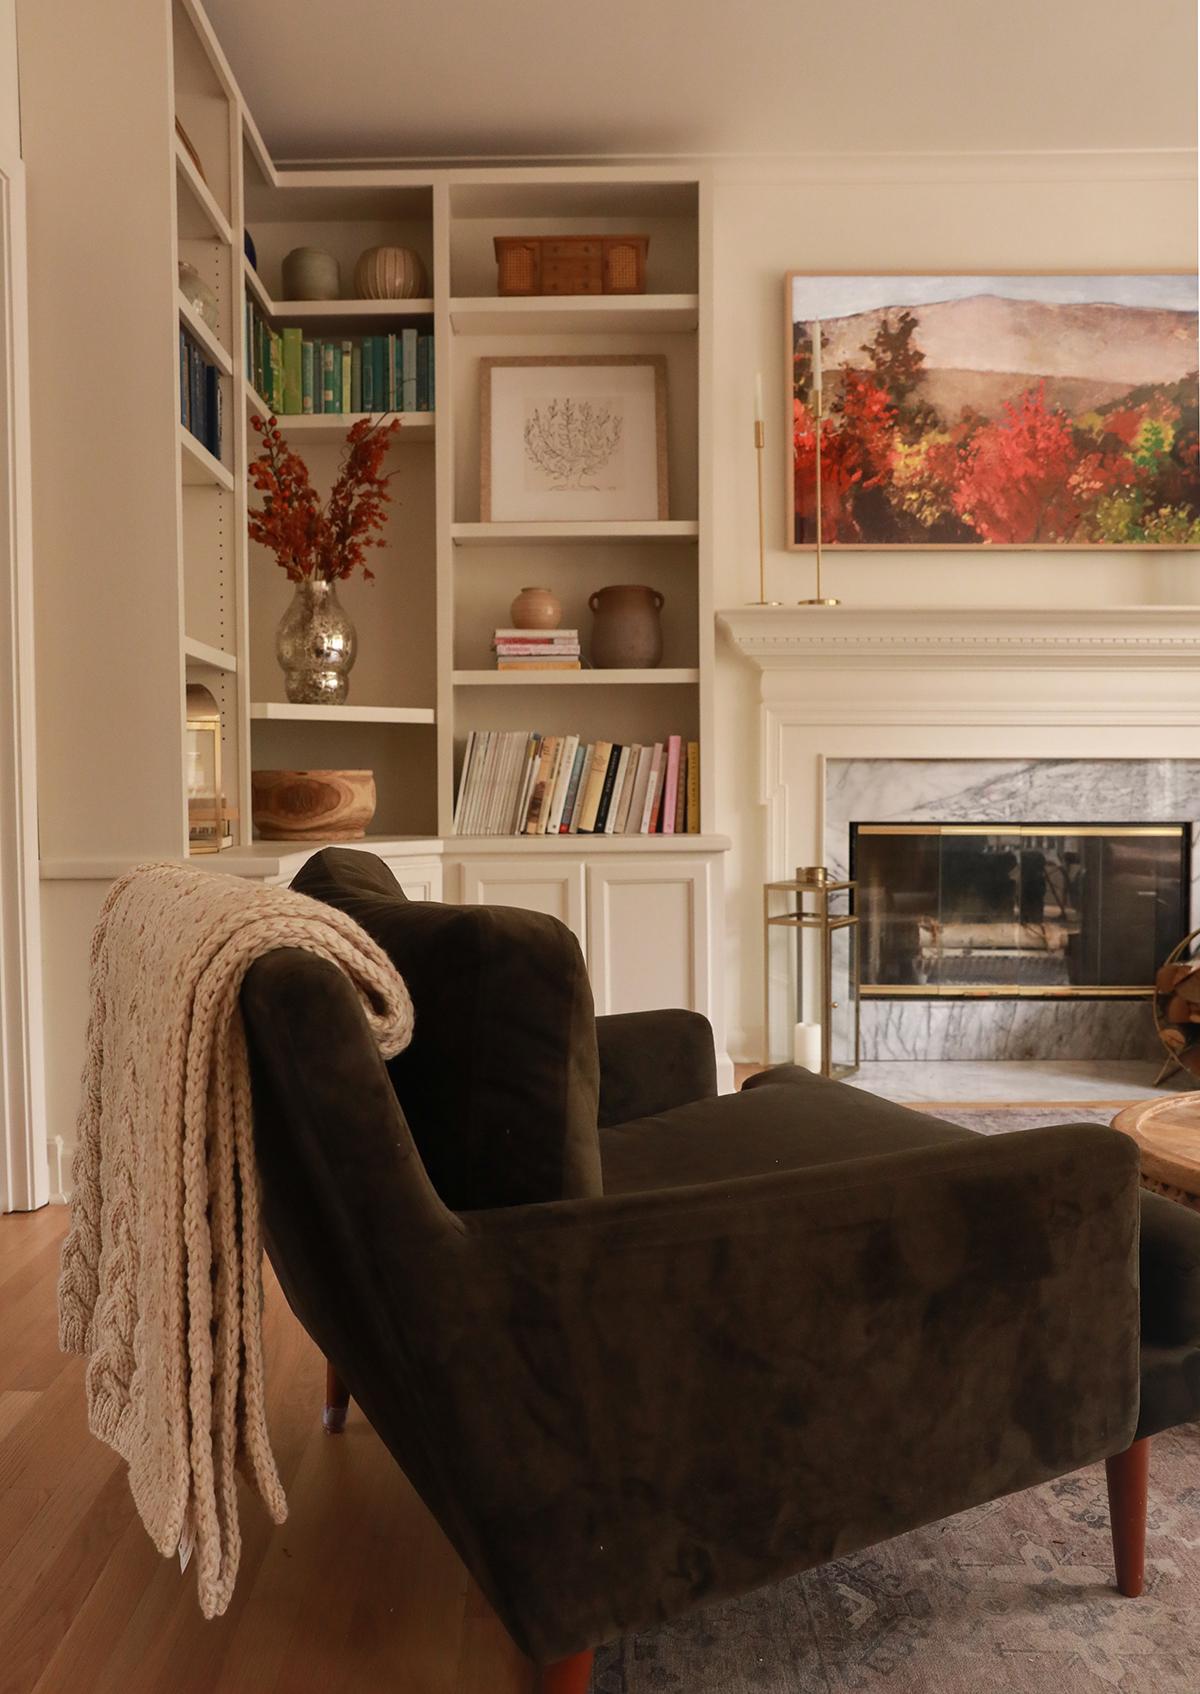 living room design - fall decor